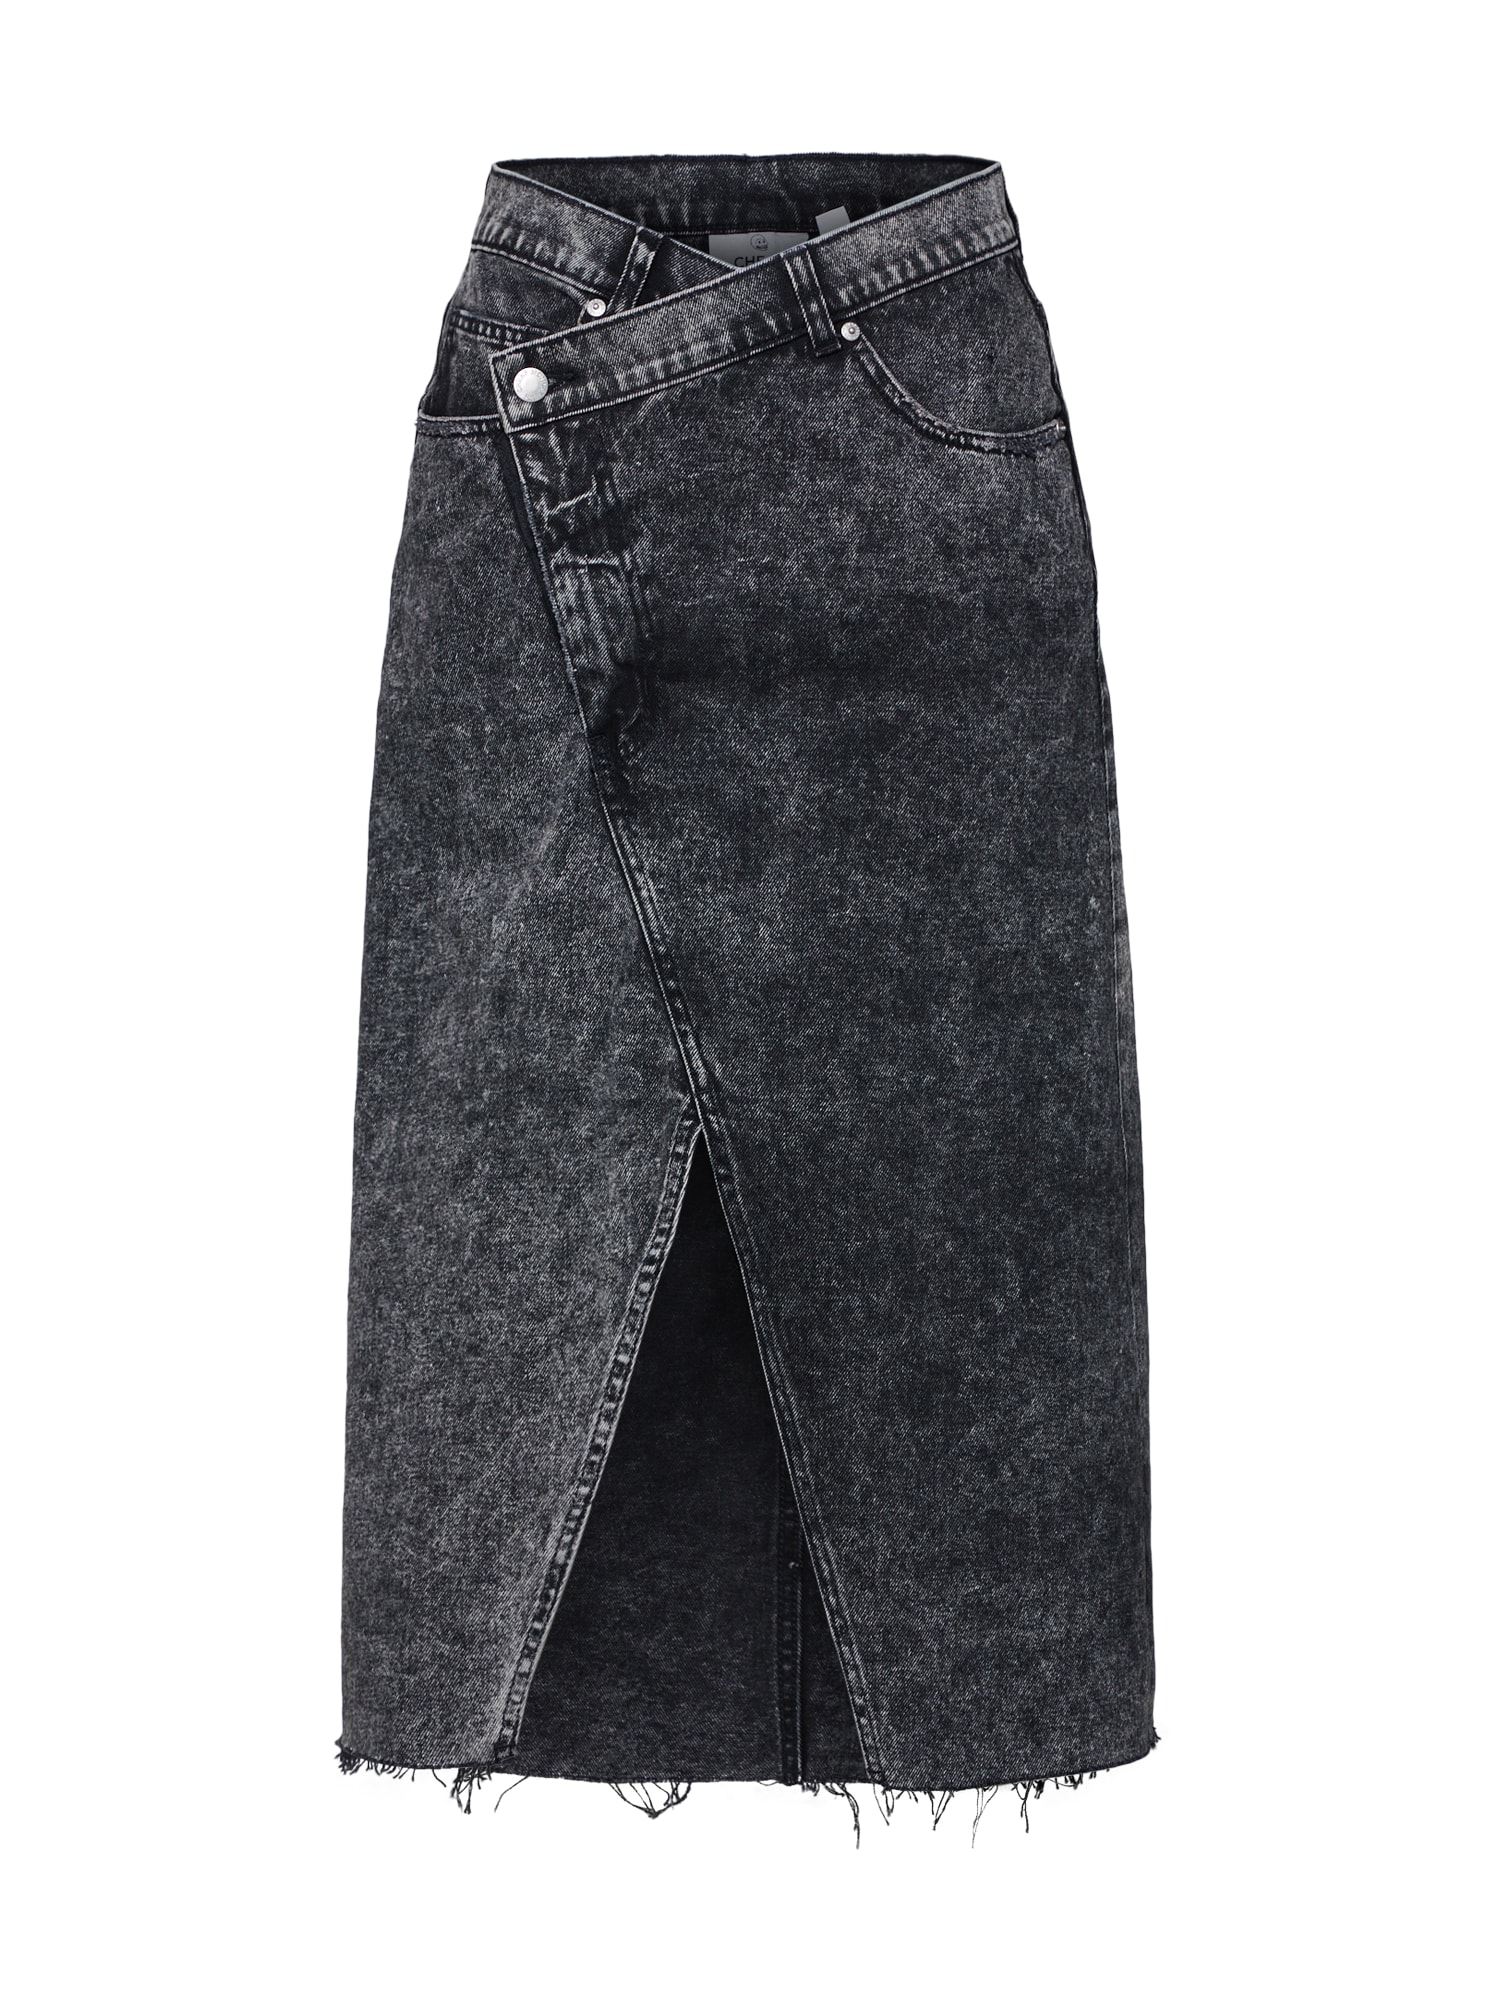 Sukně Tilt Skirt černá džínovina CHEAP MONDAY